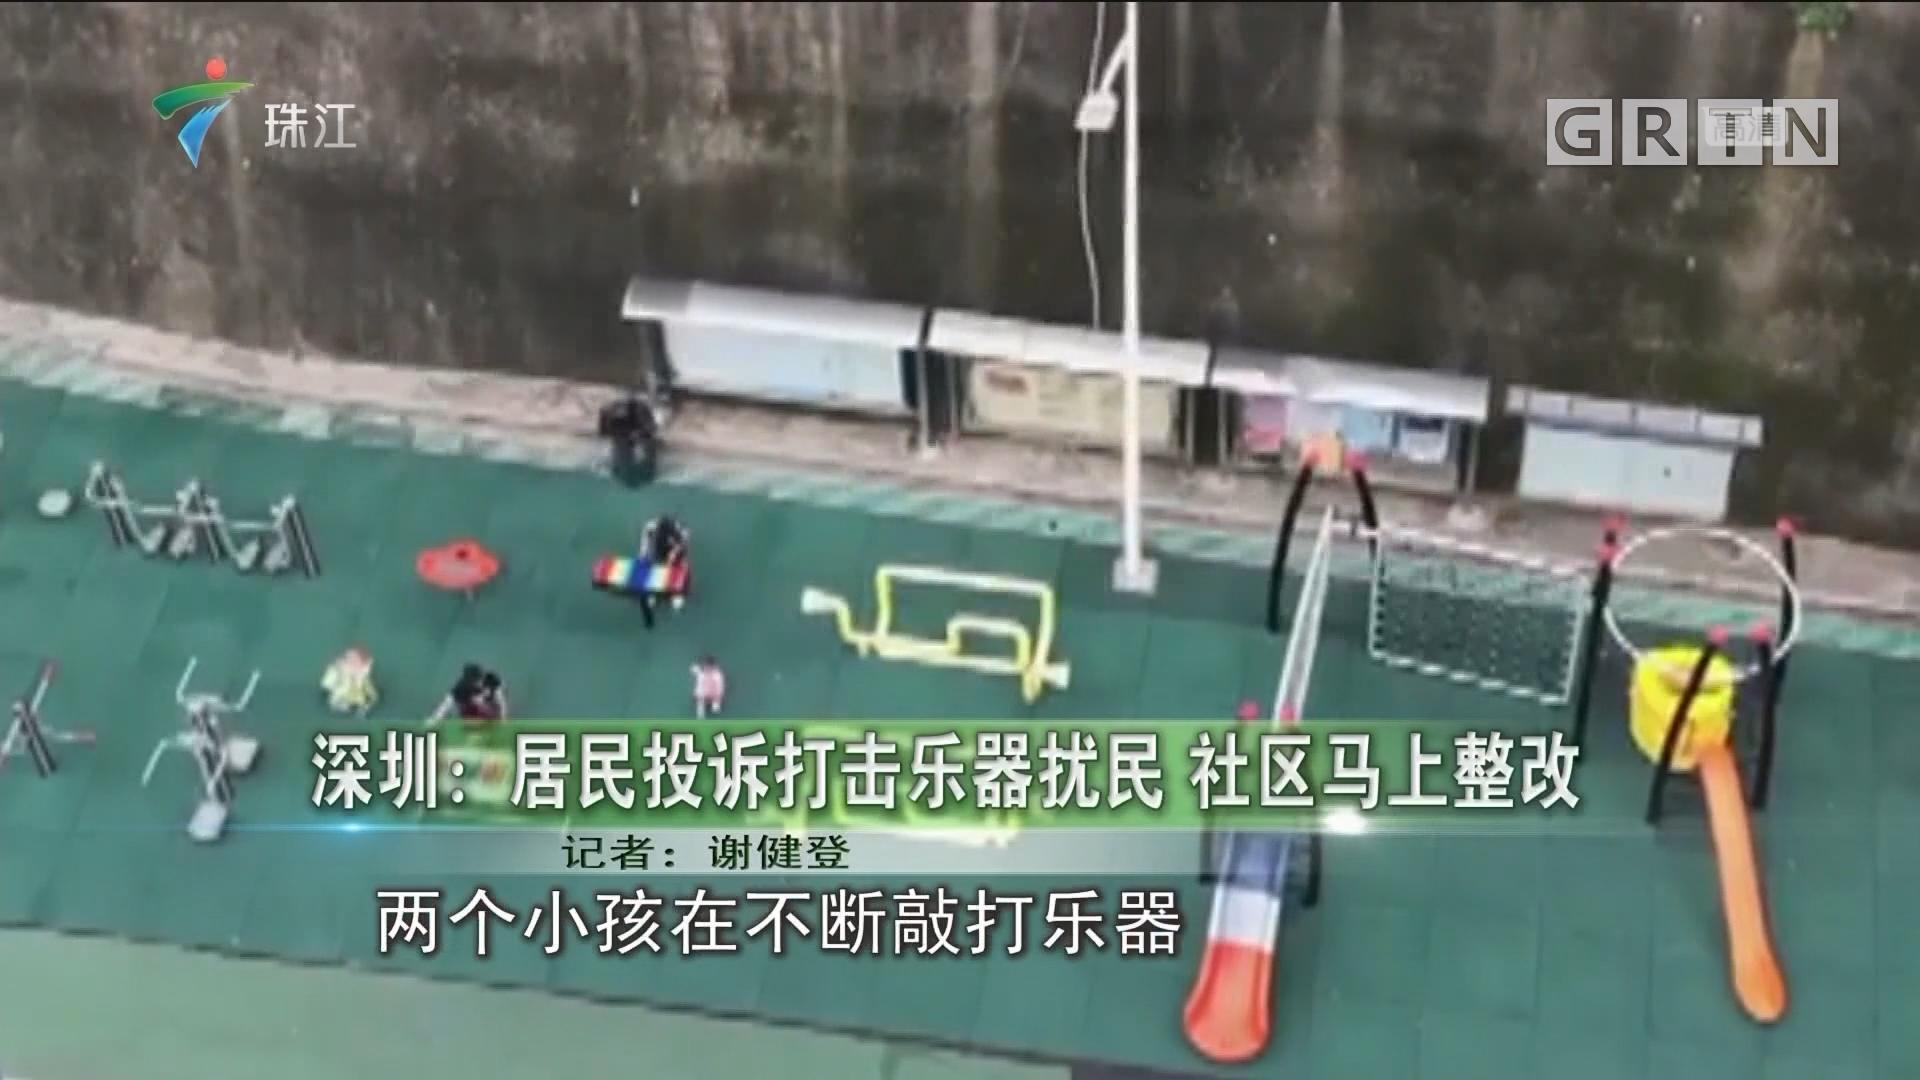 深圳:居民投诉打击乐器扰民 社区马上整改